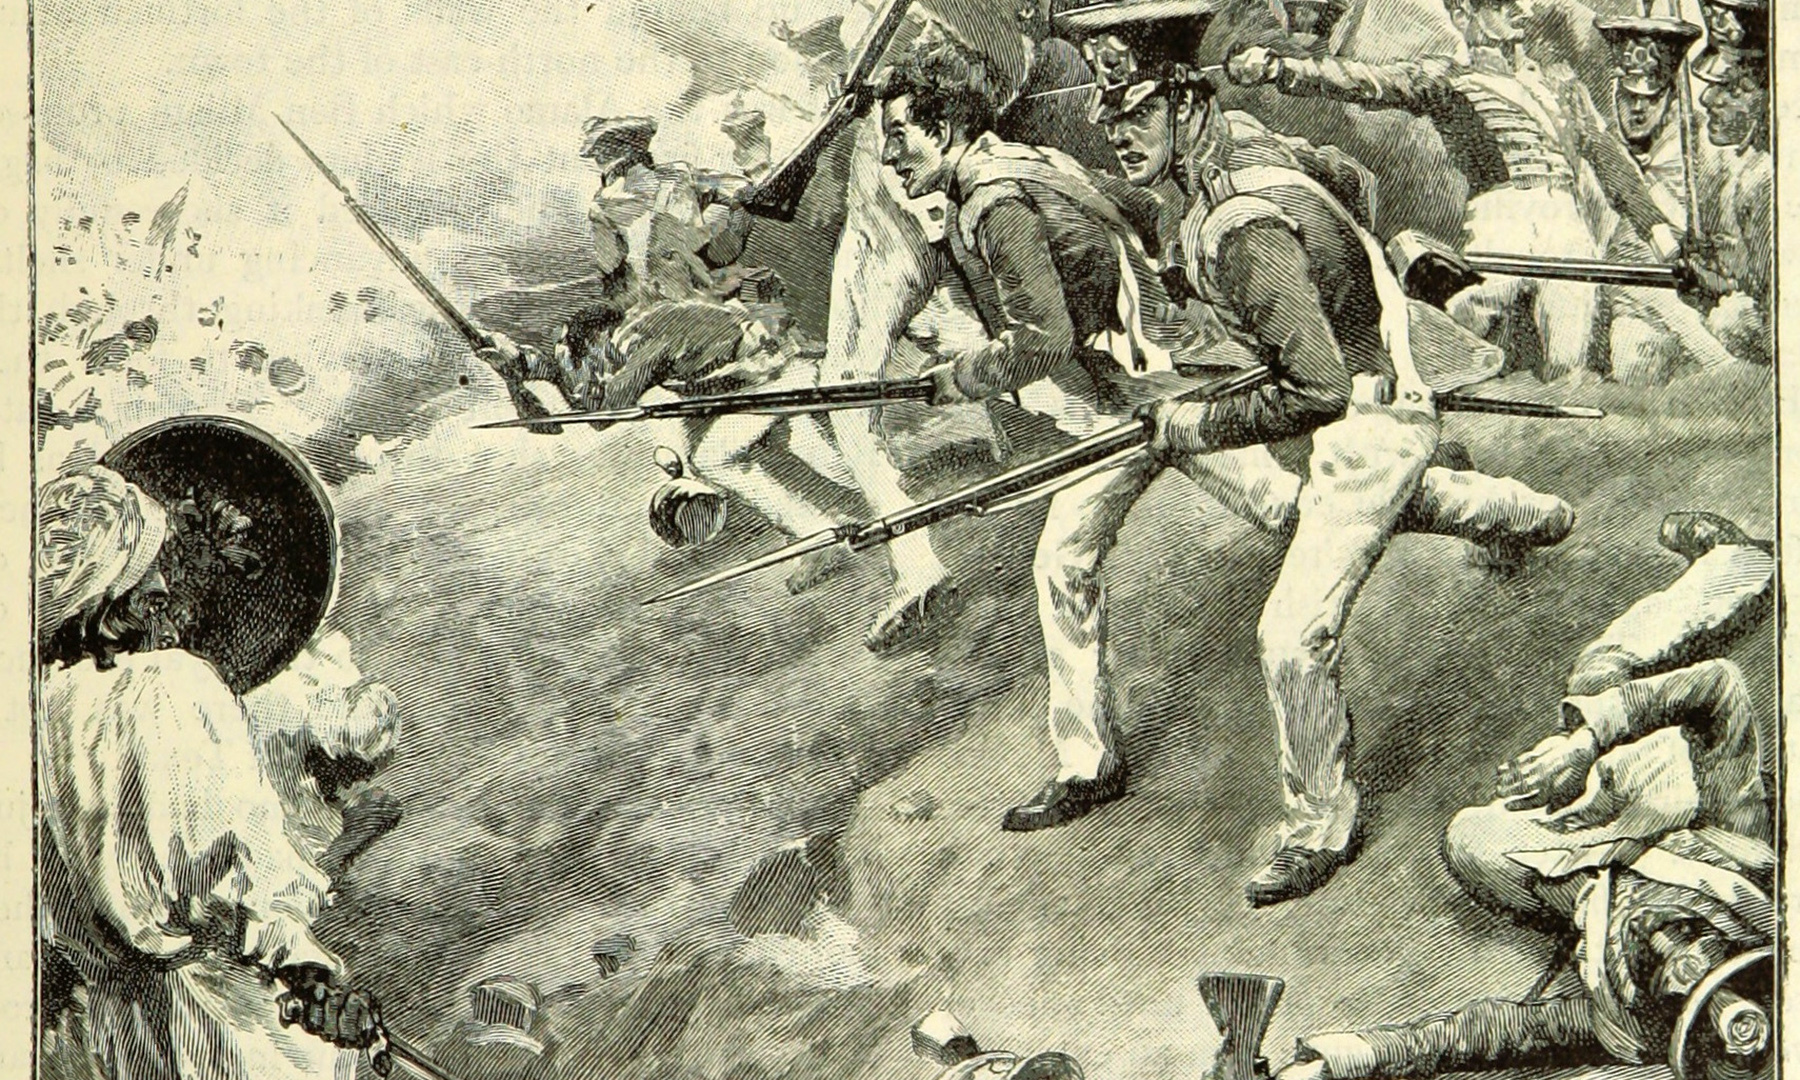 دوبے والی جنگ میں انگریز سپاہی بلوچوں پر حملہ کرتے ہوئے۔ السٹریٹڈ بیٹلز آف نائنٹینتھ سینچری، صفحہ 549۔